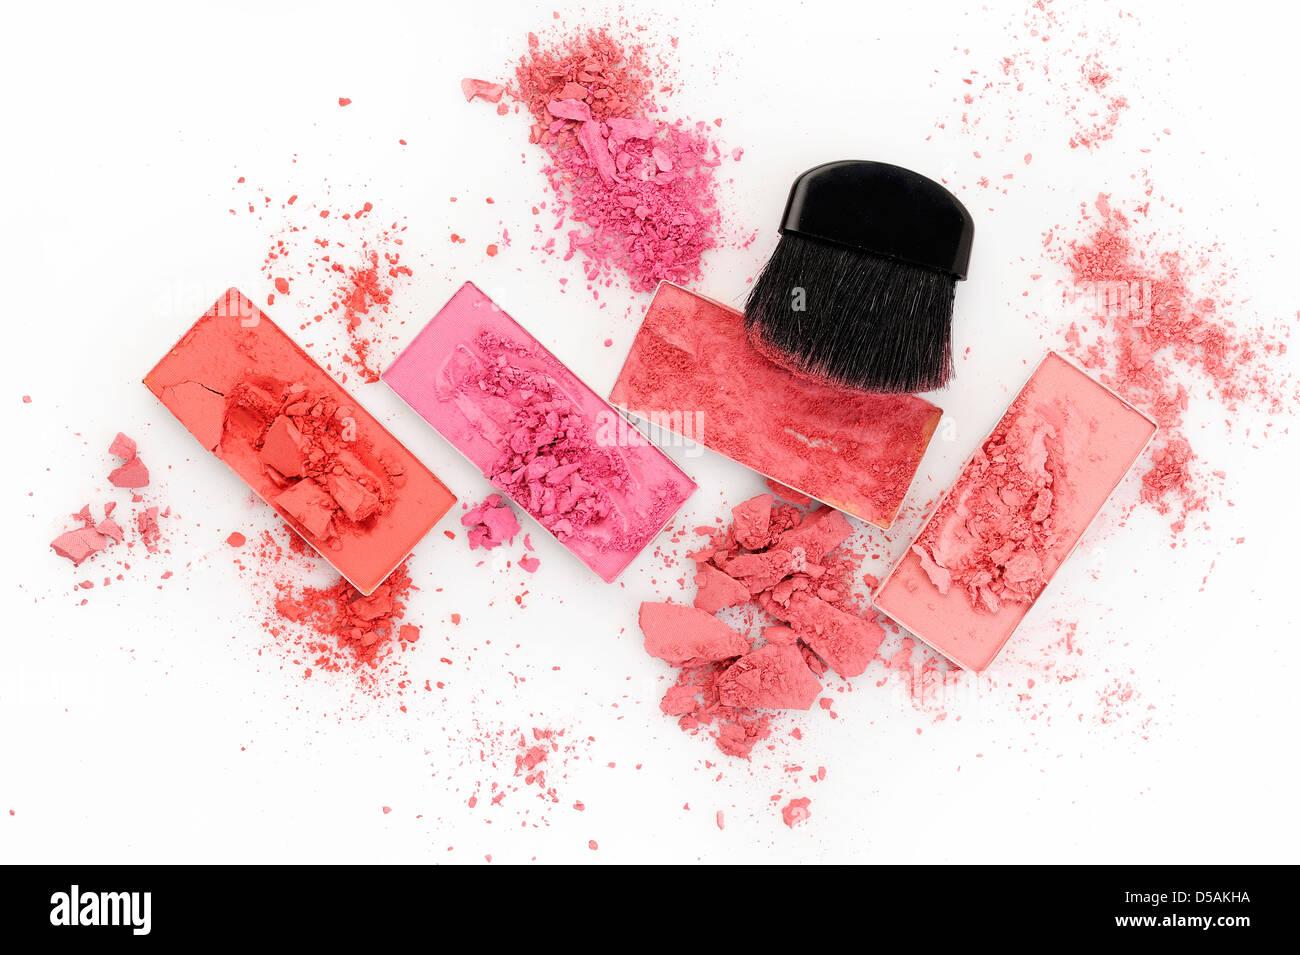 Pinceau à maquillage et poudre sur fond blanc Photo Stock